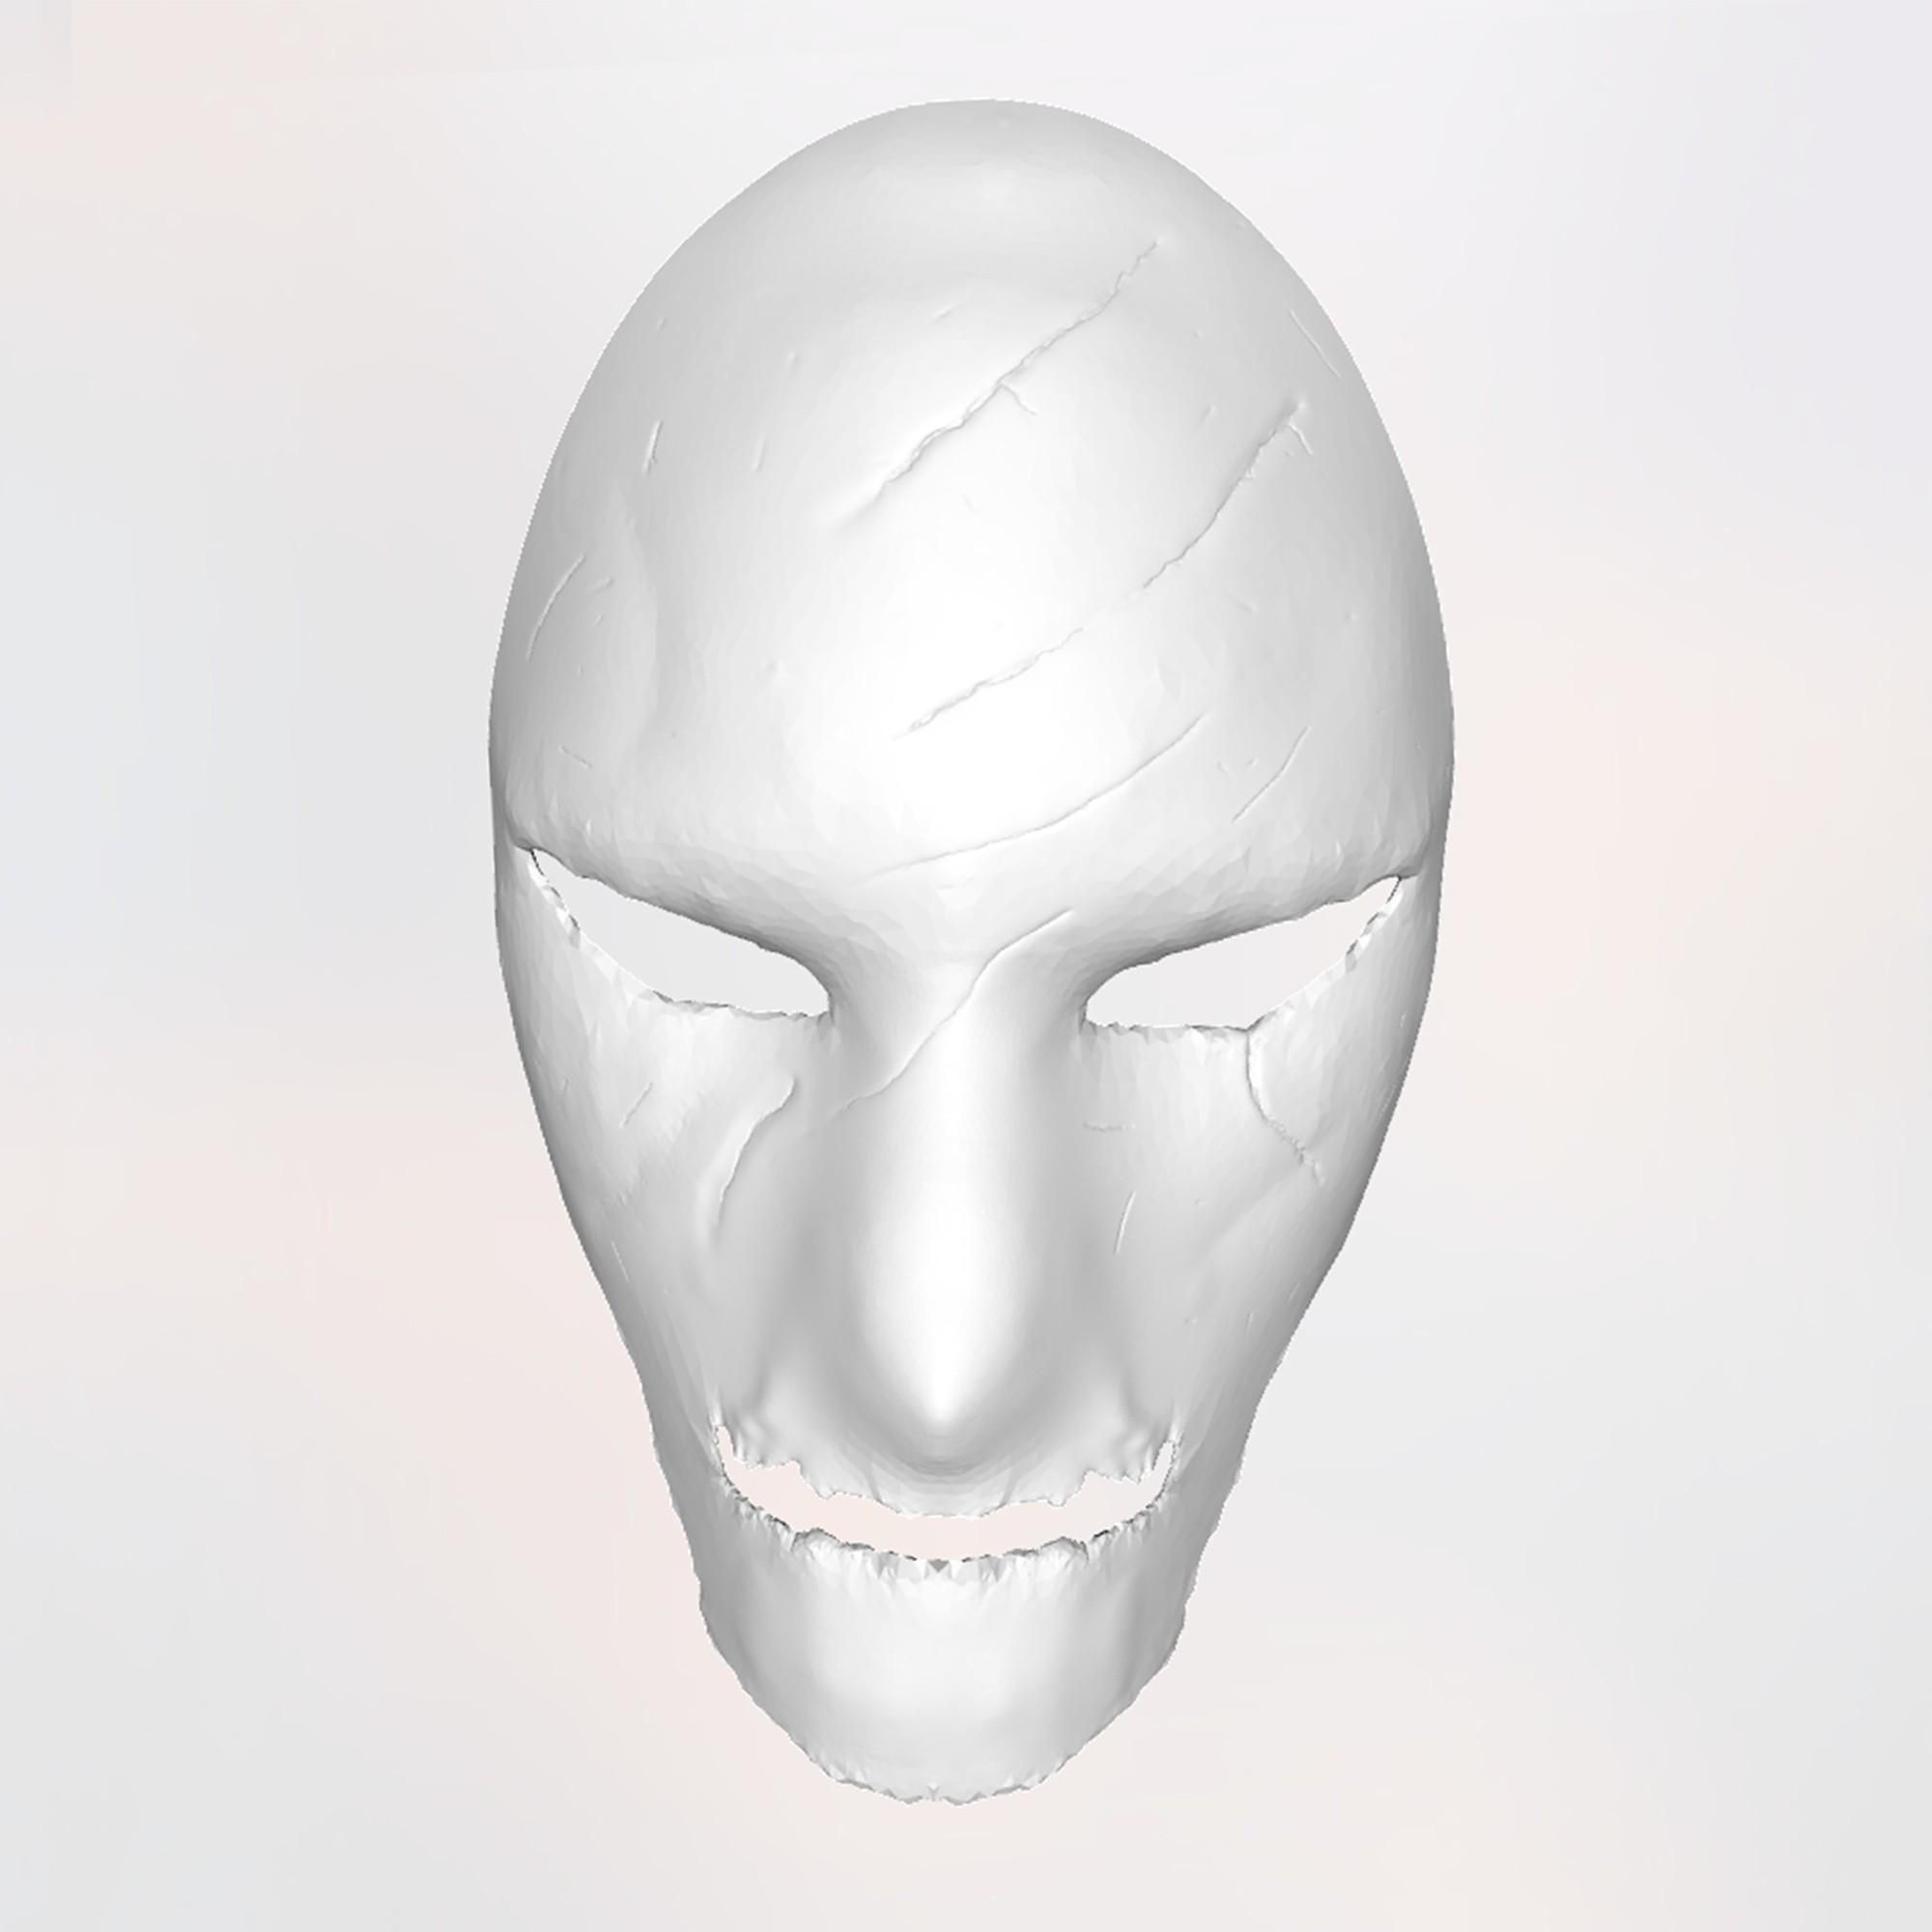 Screen Shot 2017-09-24 at 4.35.35 PM.jpg Download free STL file Galu Mask • 3D printer model, delukart